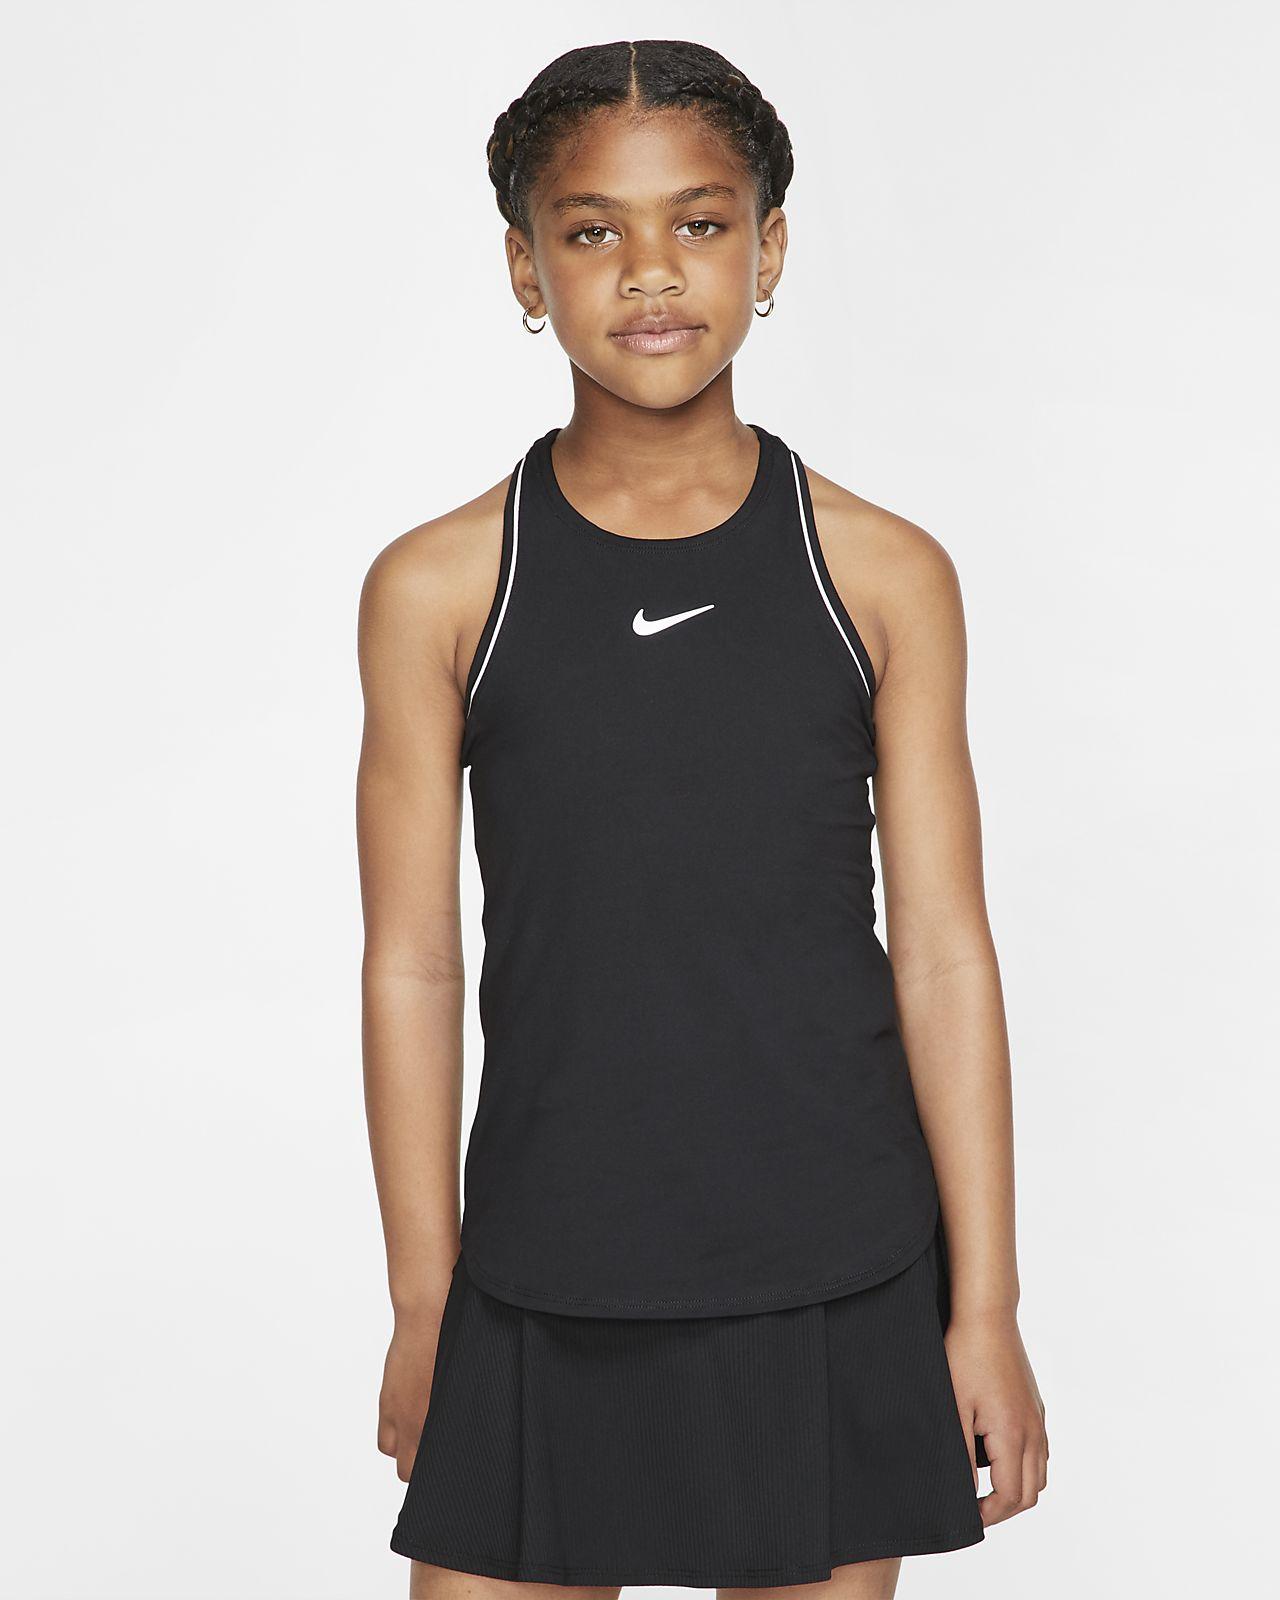 NikeCourt Dri-FIT Tanktop für ältere Kinder (Mädchen)